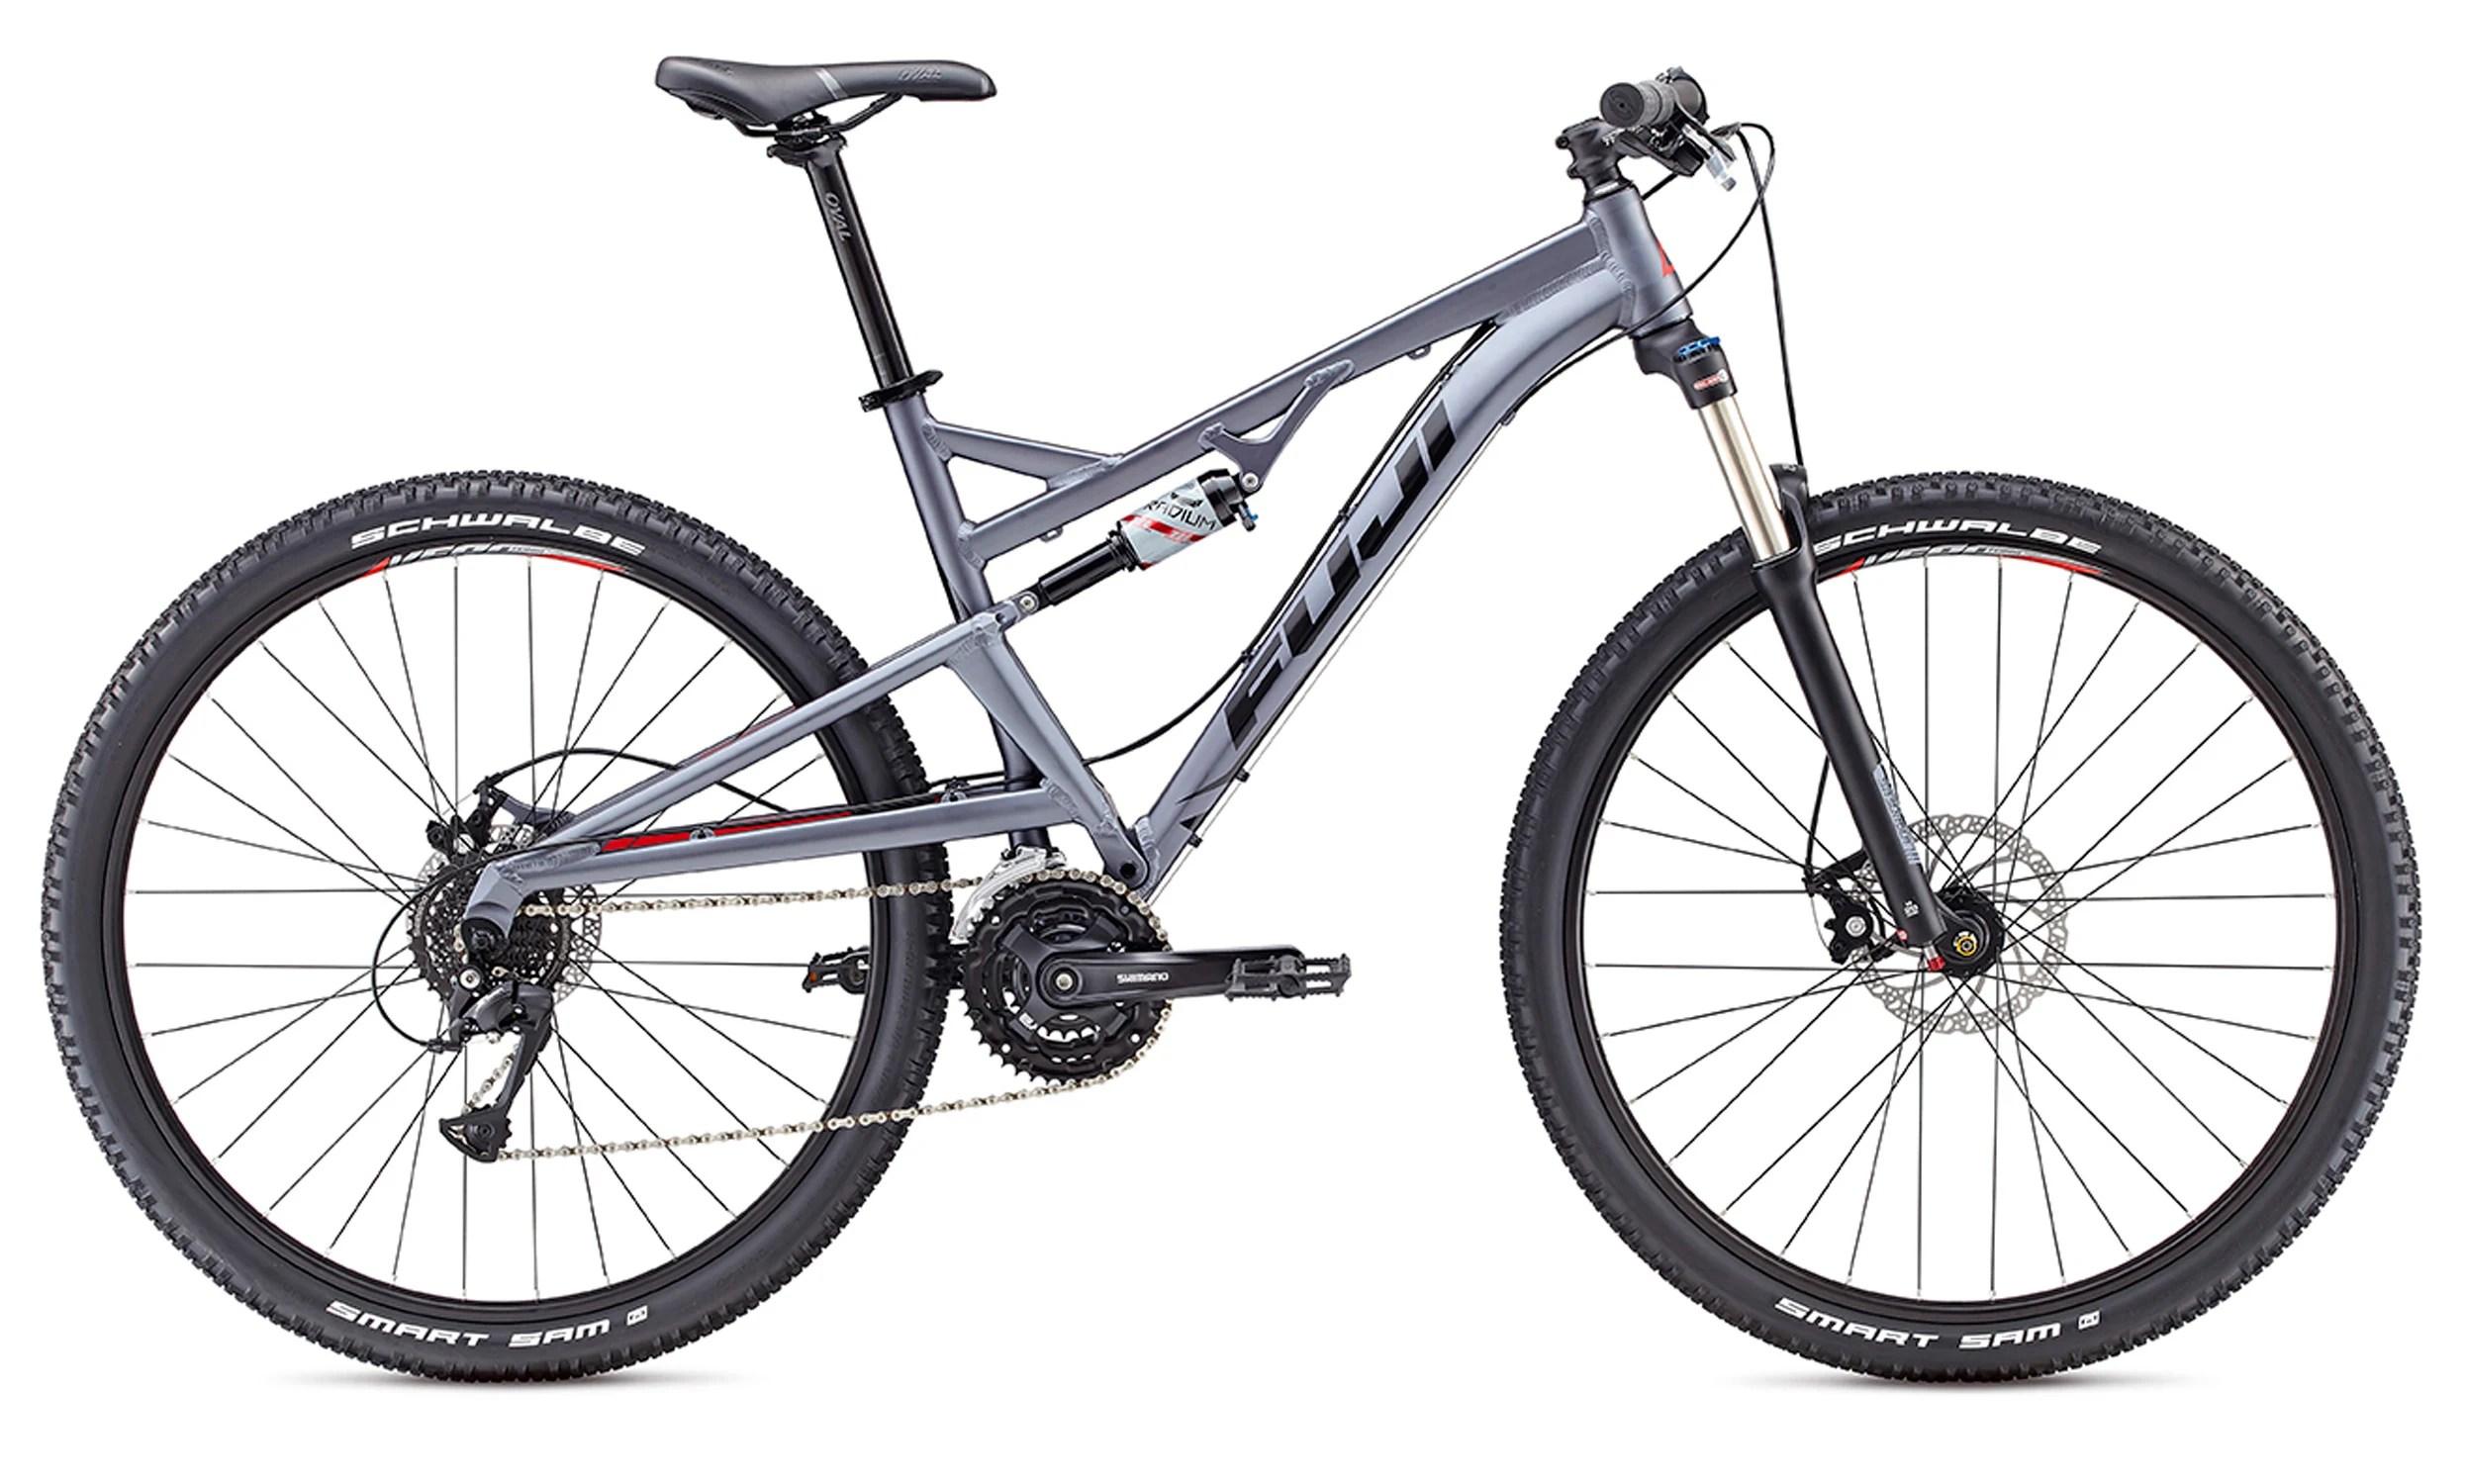 Fuji Outland 29 1.5 Bike